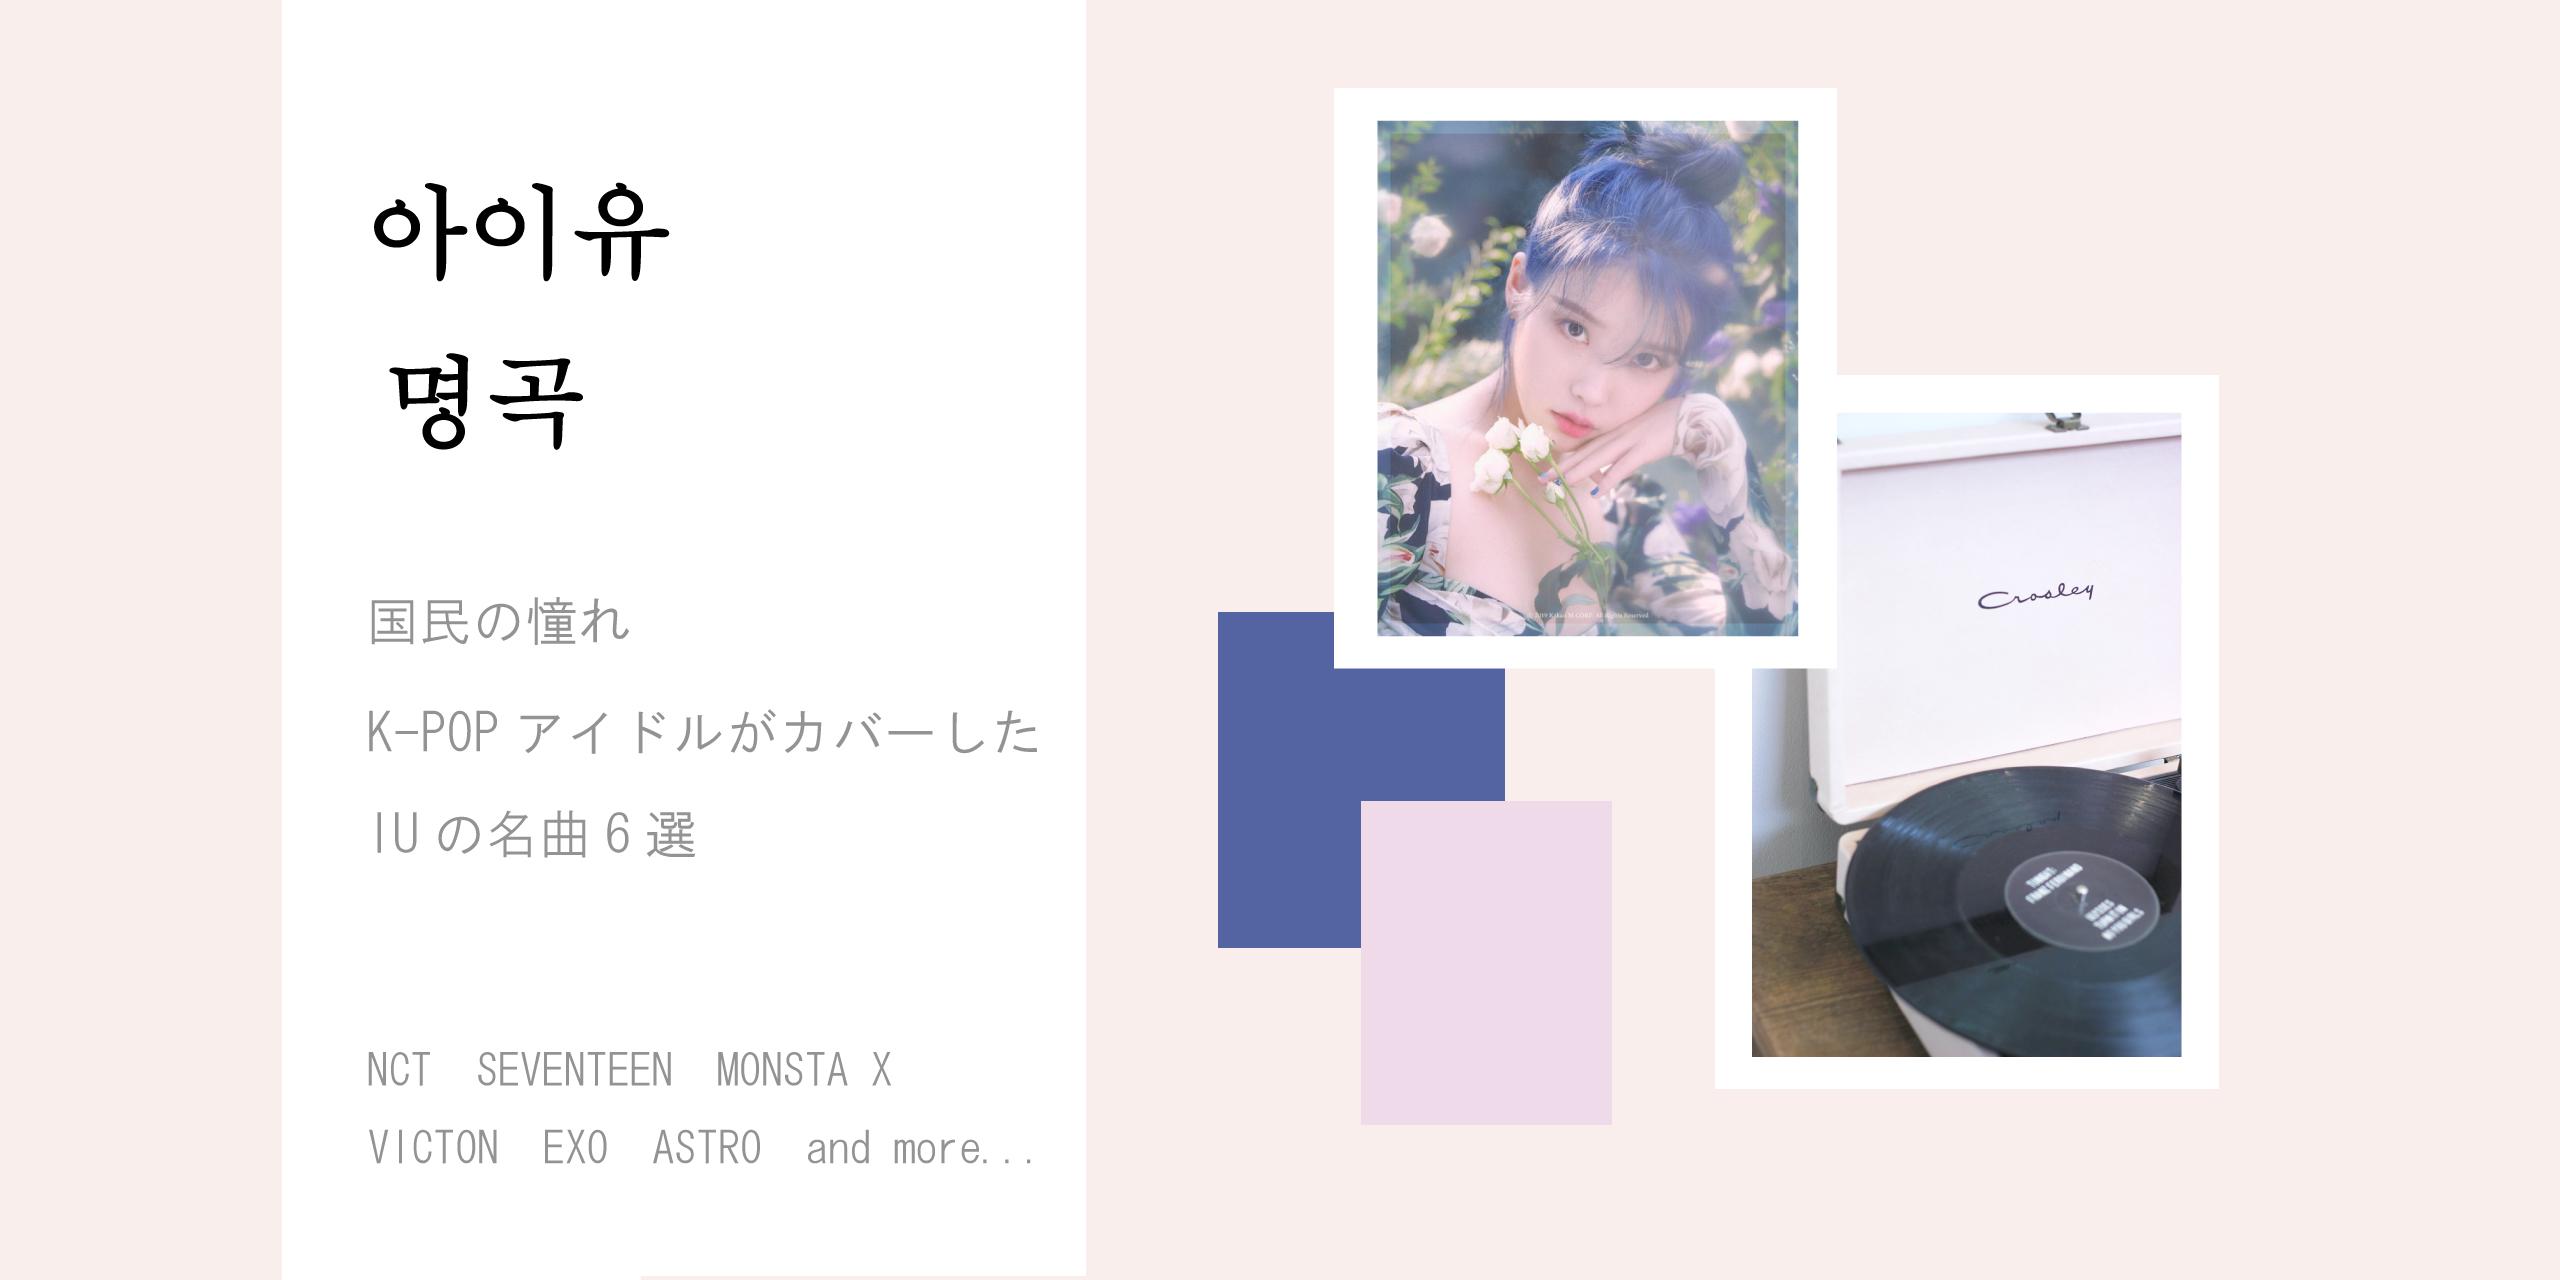 国民の憧れ♡K-POPアイドルがカバーしたIUの名曲6選【2020年最新版】